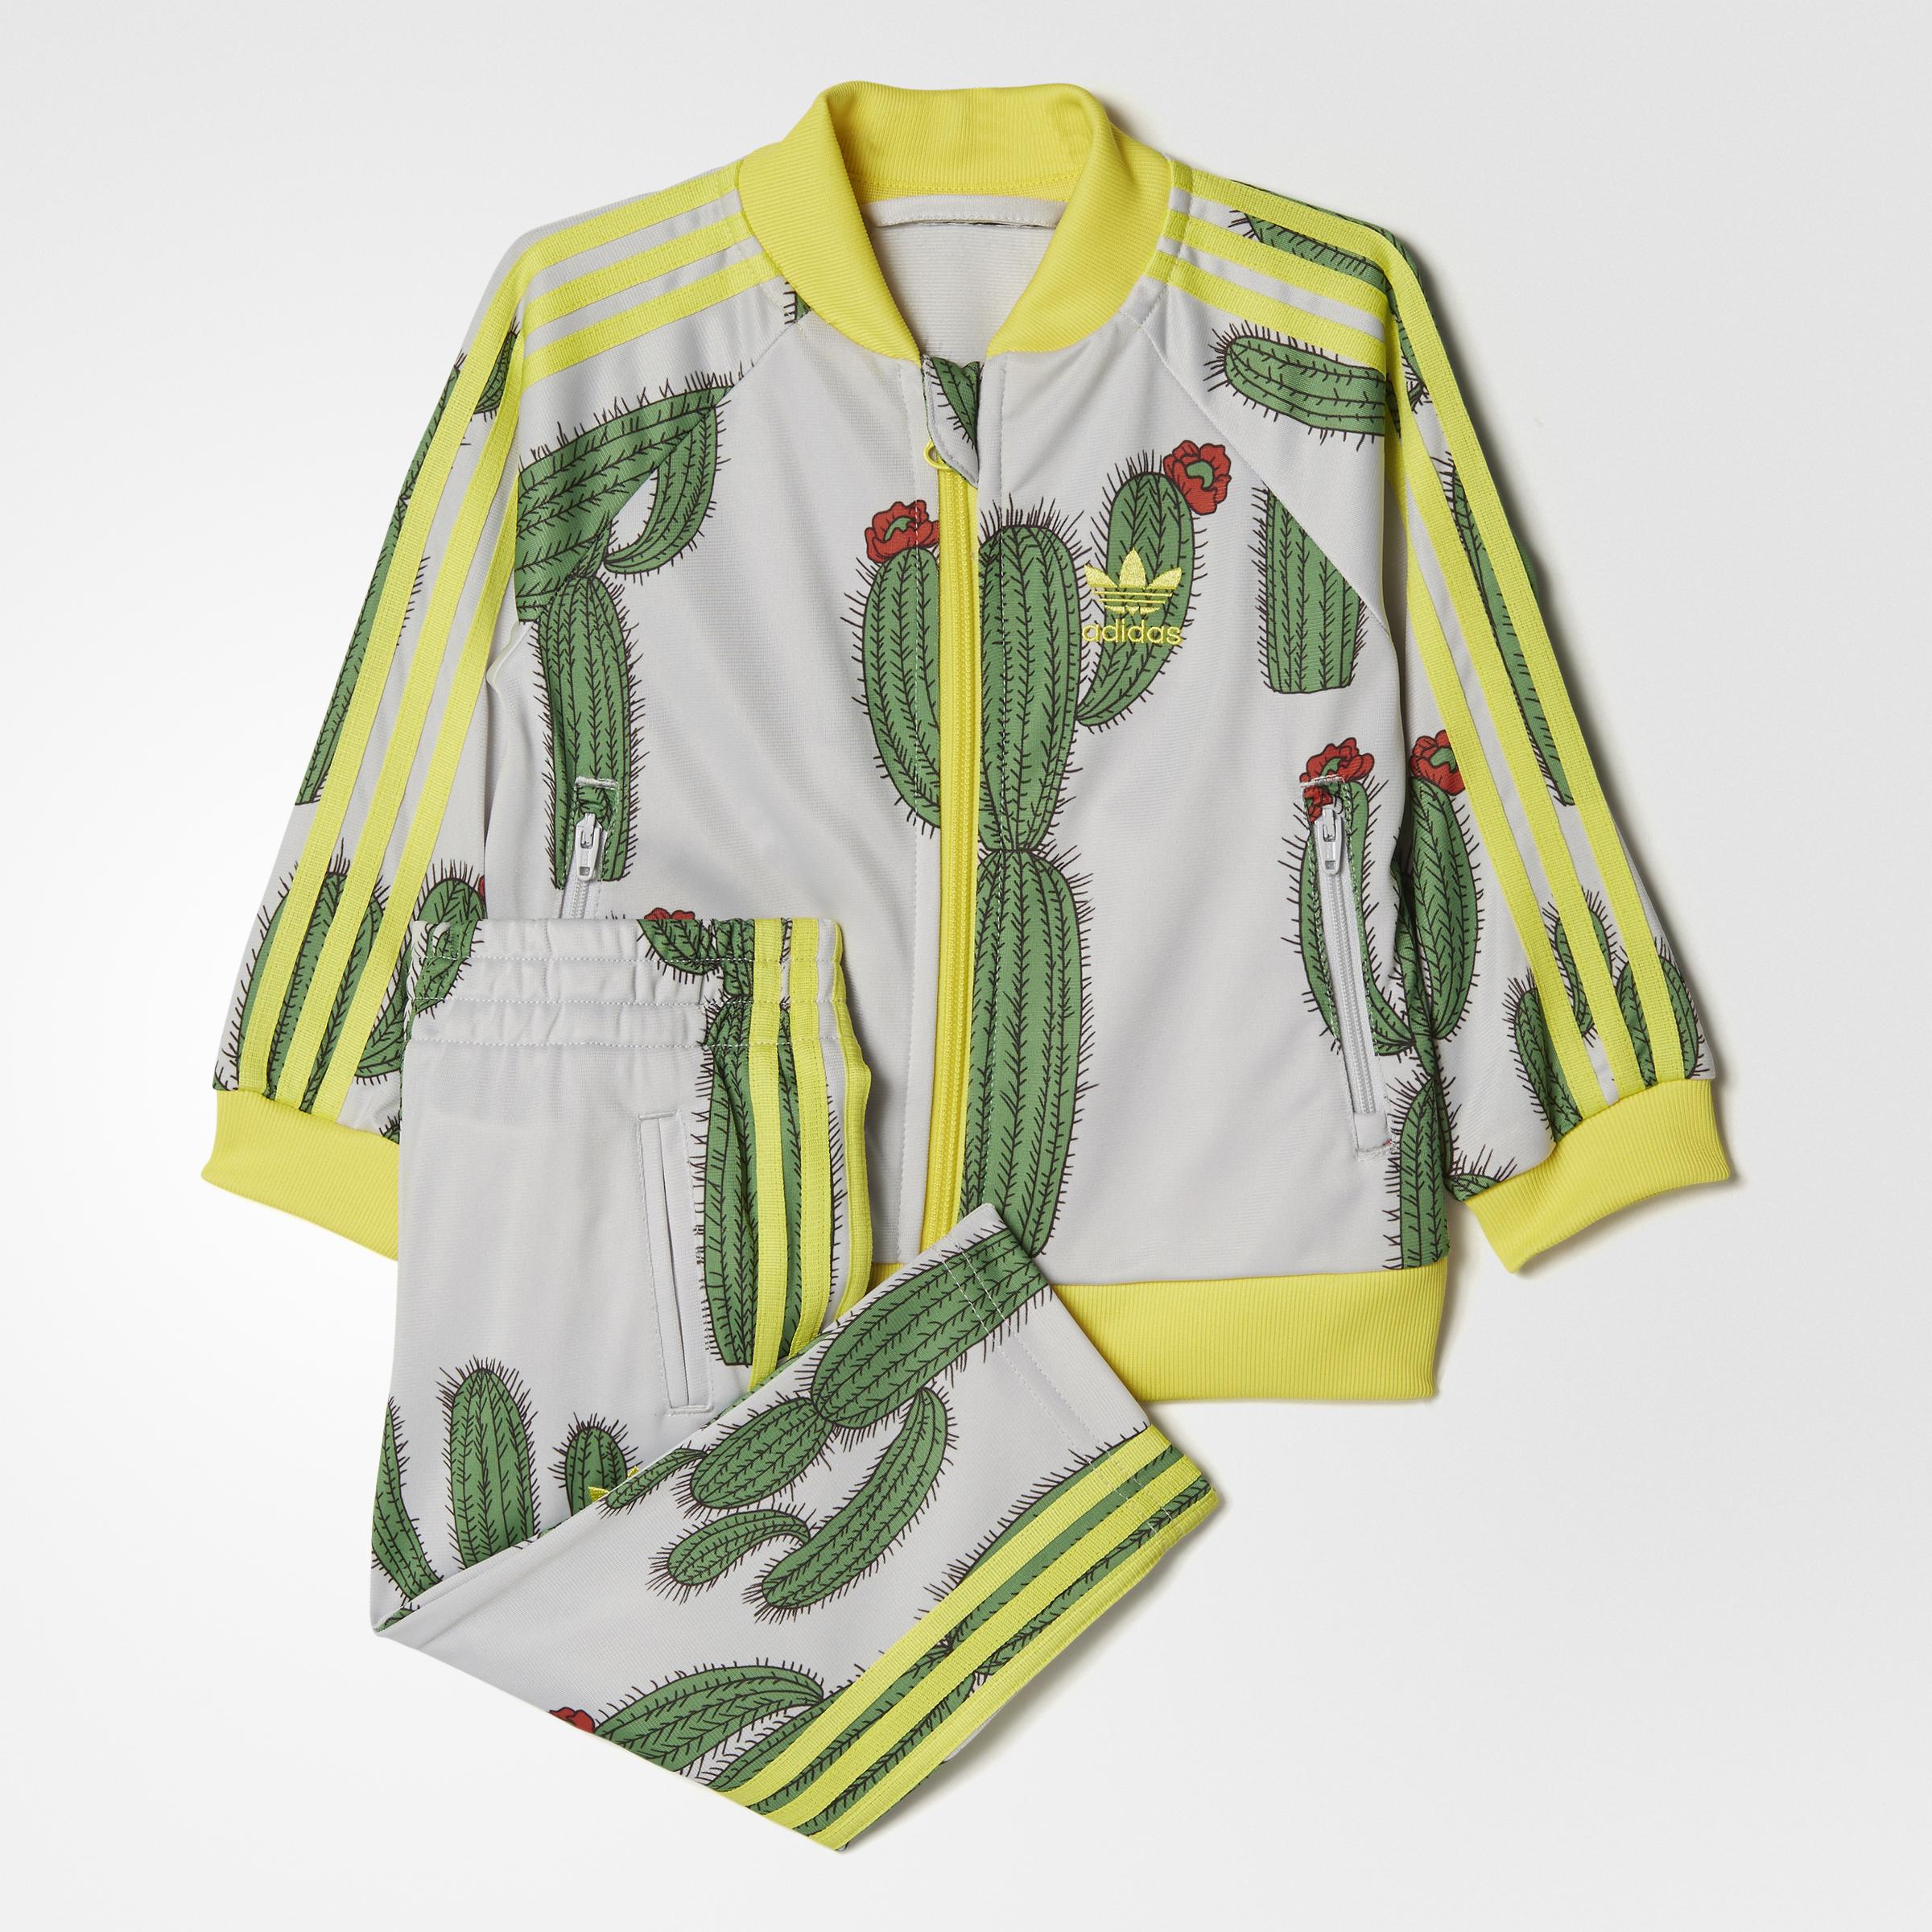 Mini Rodini SST Track Suit